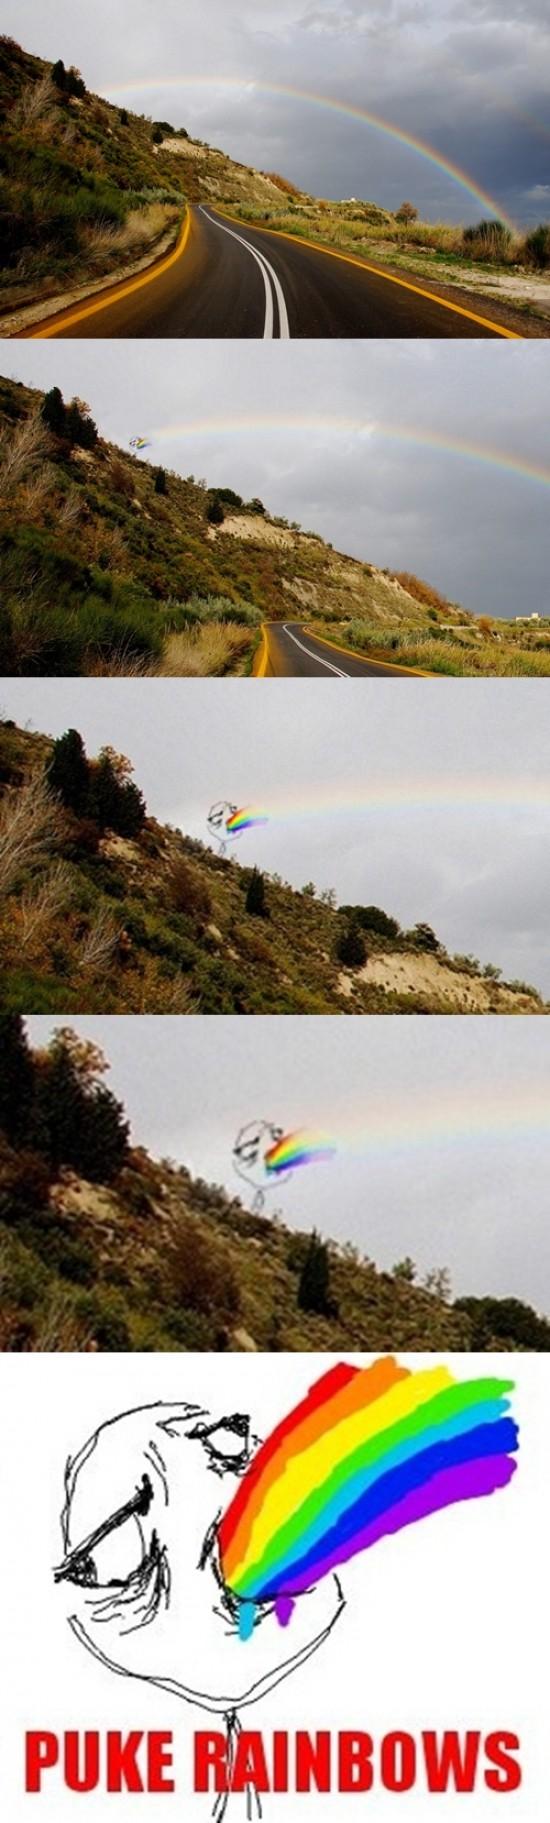 Puke_rainbows - Fenómenos Ópticos